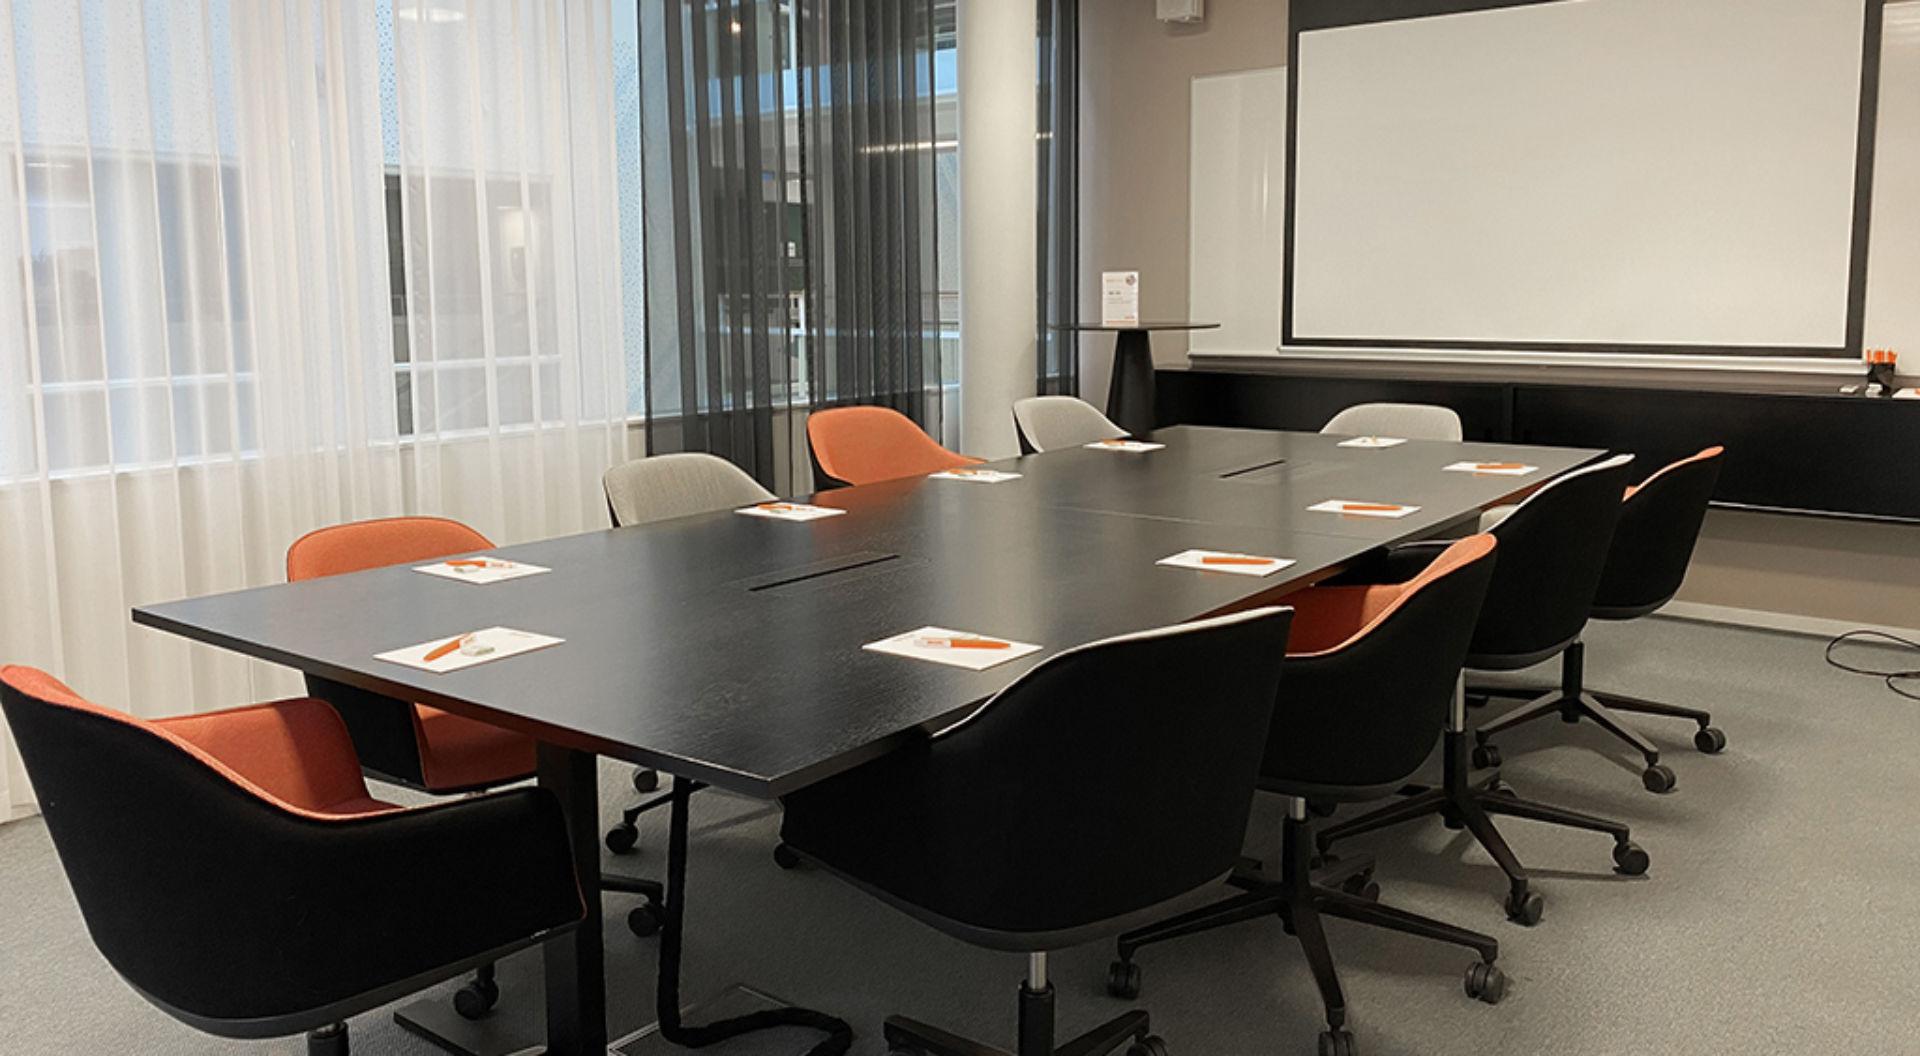 Tennet konferens erbjuder alltifrån små konferensrum till en större hörsal